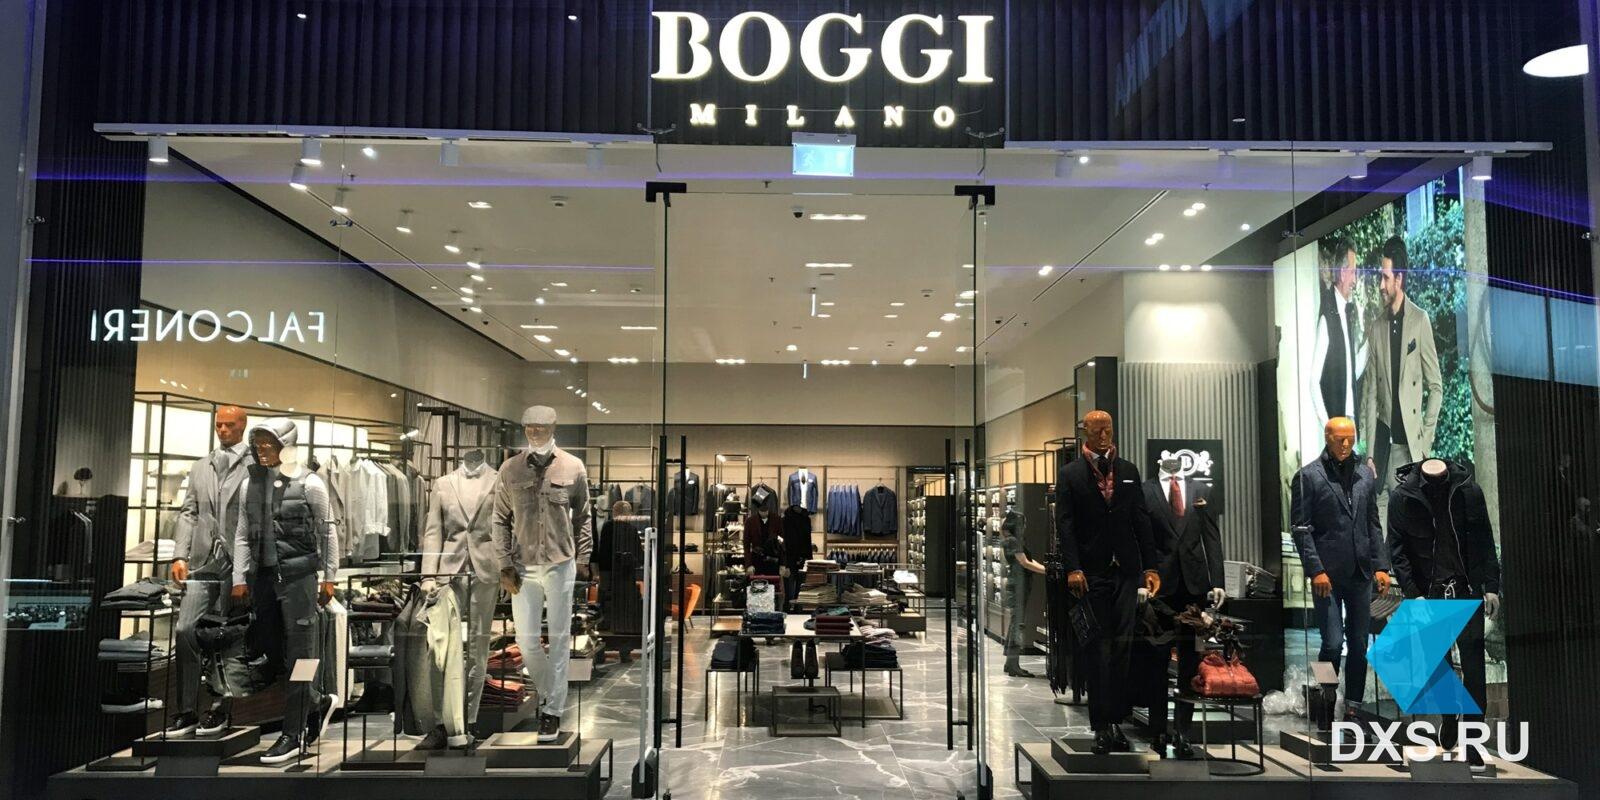 BOGGI Milano MEGA Теплый Стан